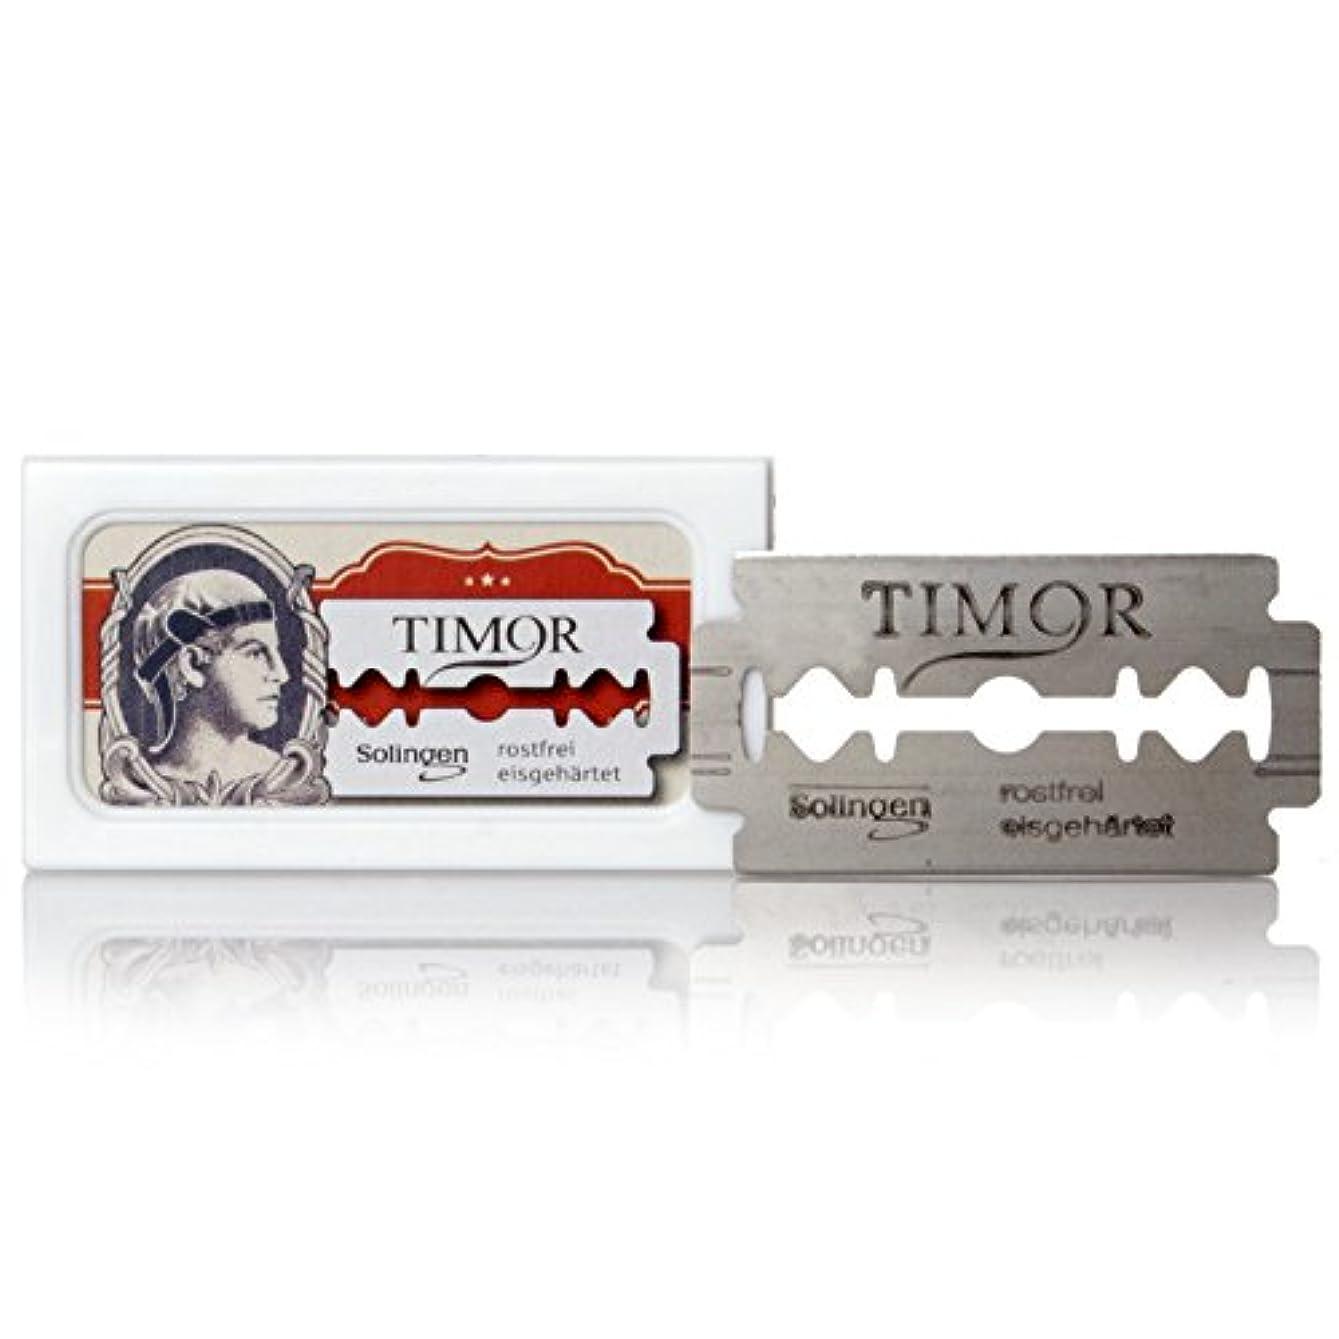 厄介な百科事典優雅Timor - razor blades, stainless, 10 pieces